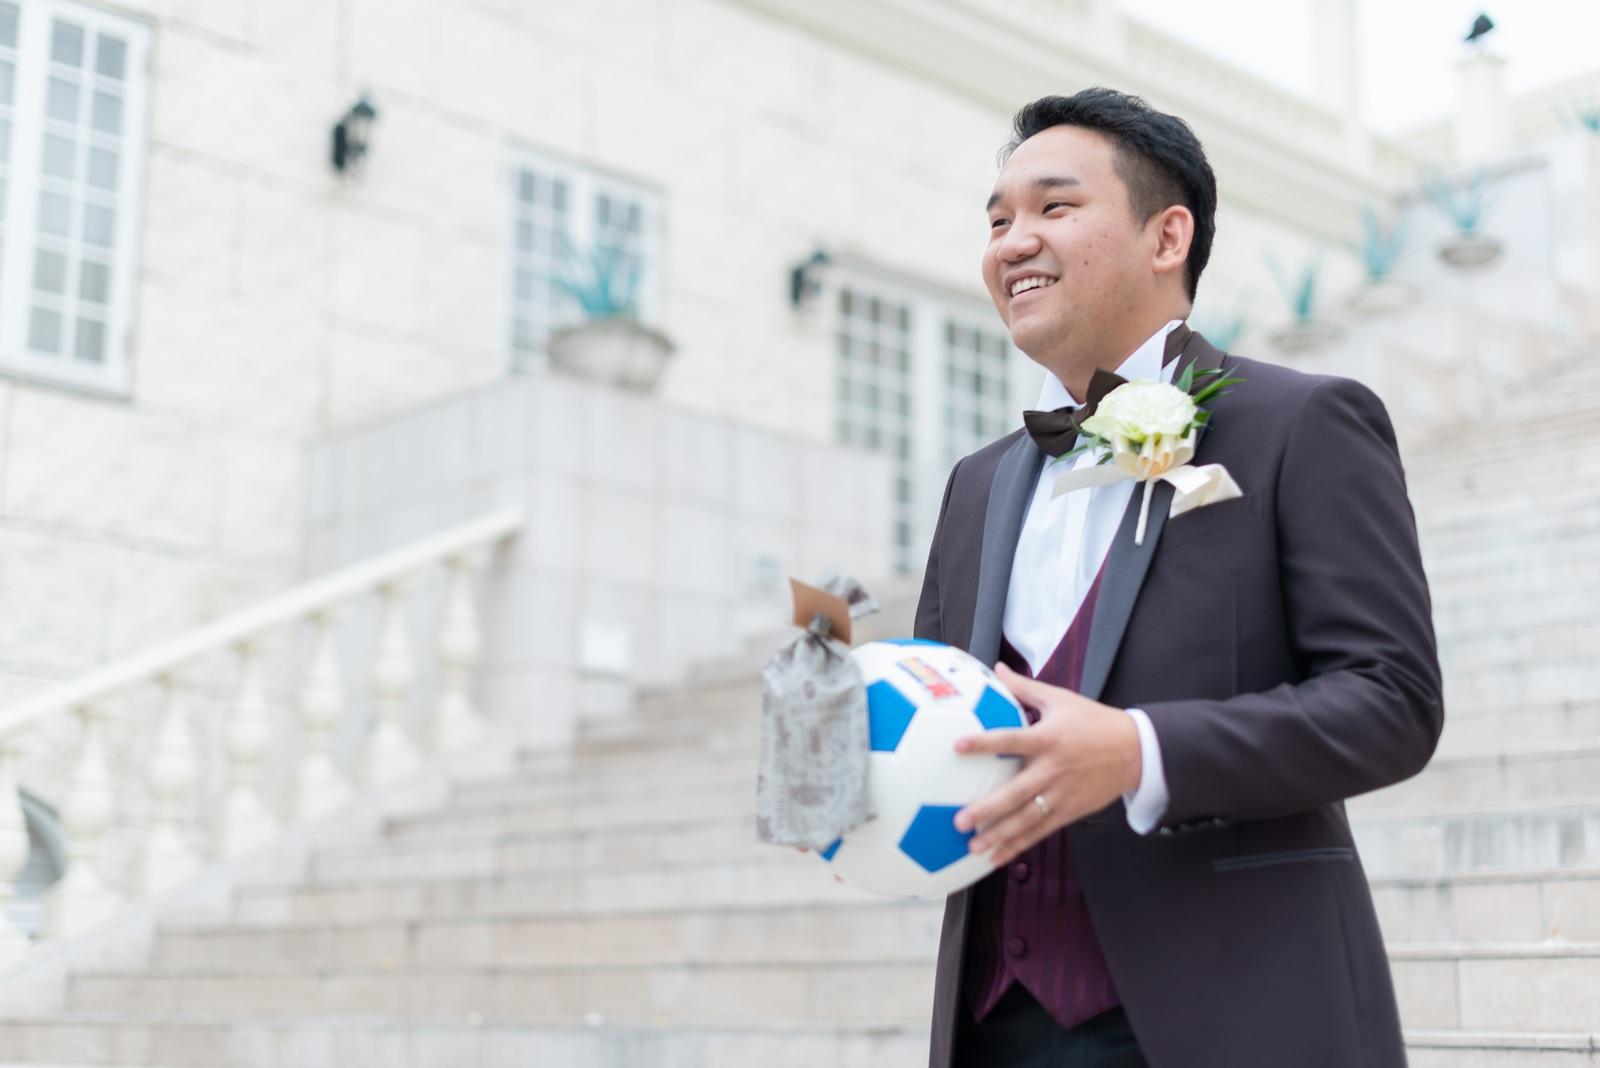 香川の結婚式場シェルエメール&アイスタイル サッカーボールトス